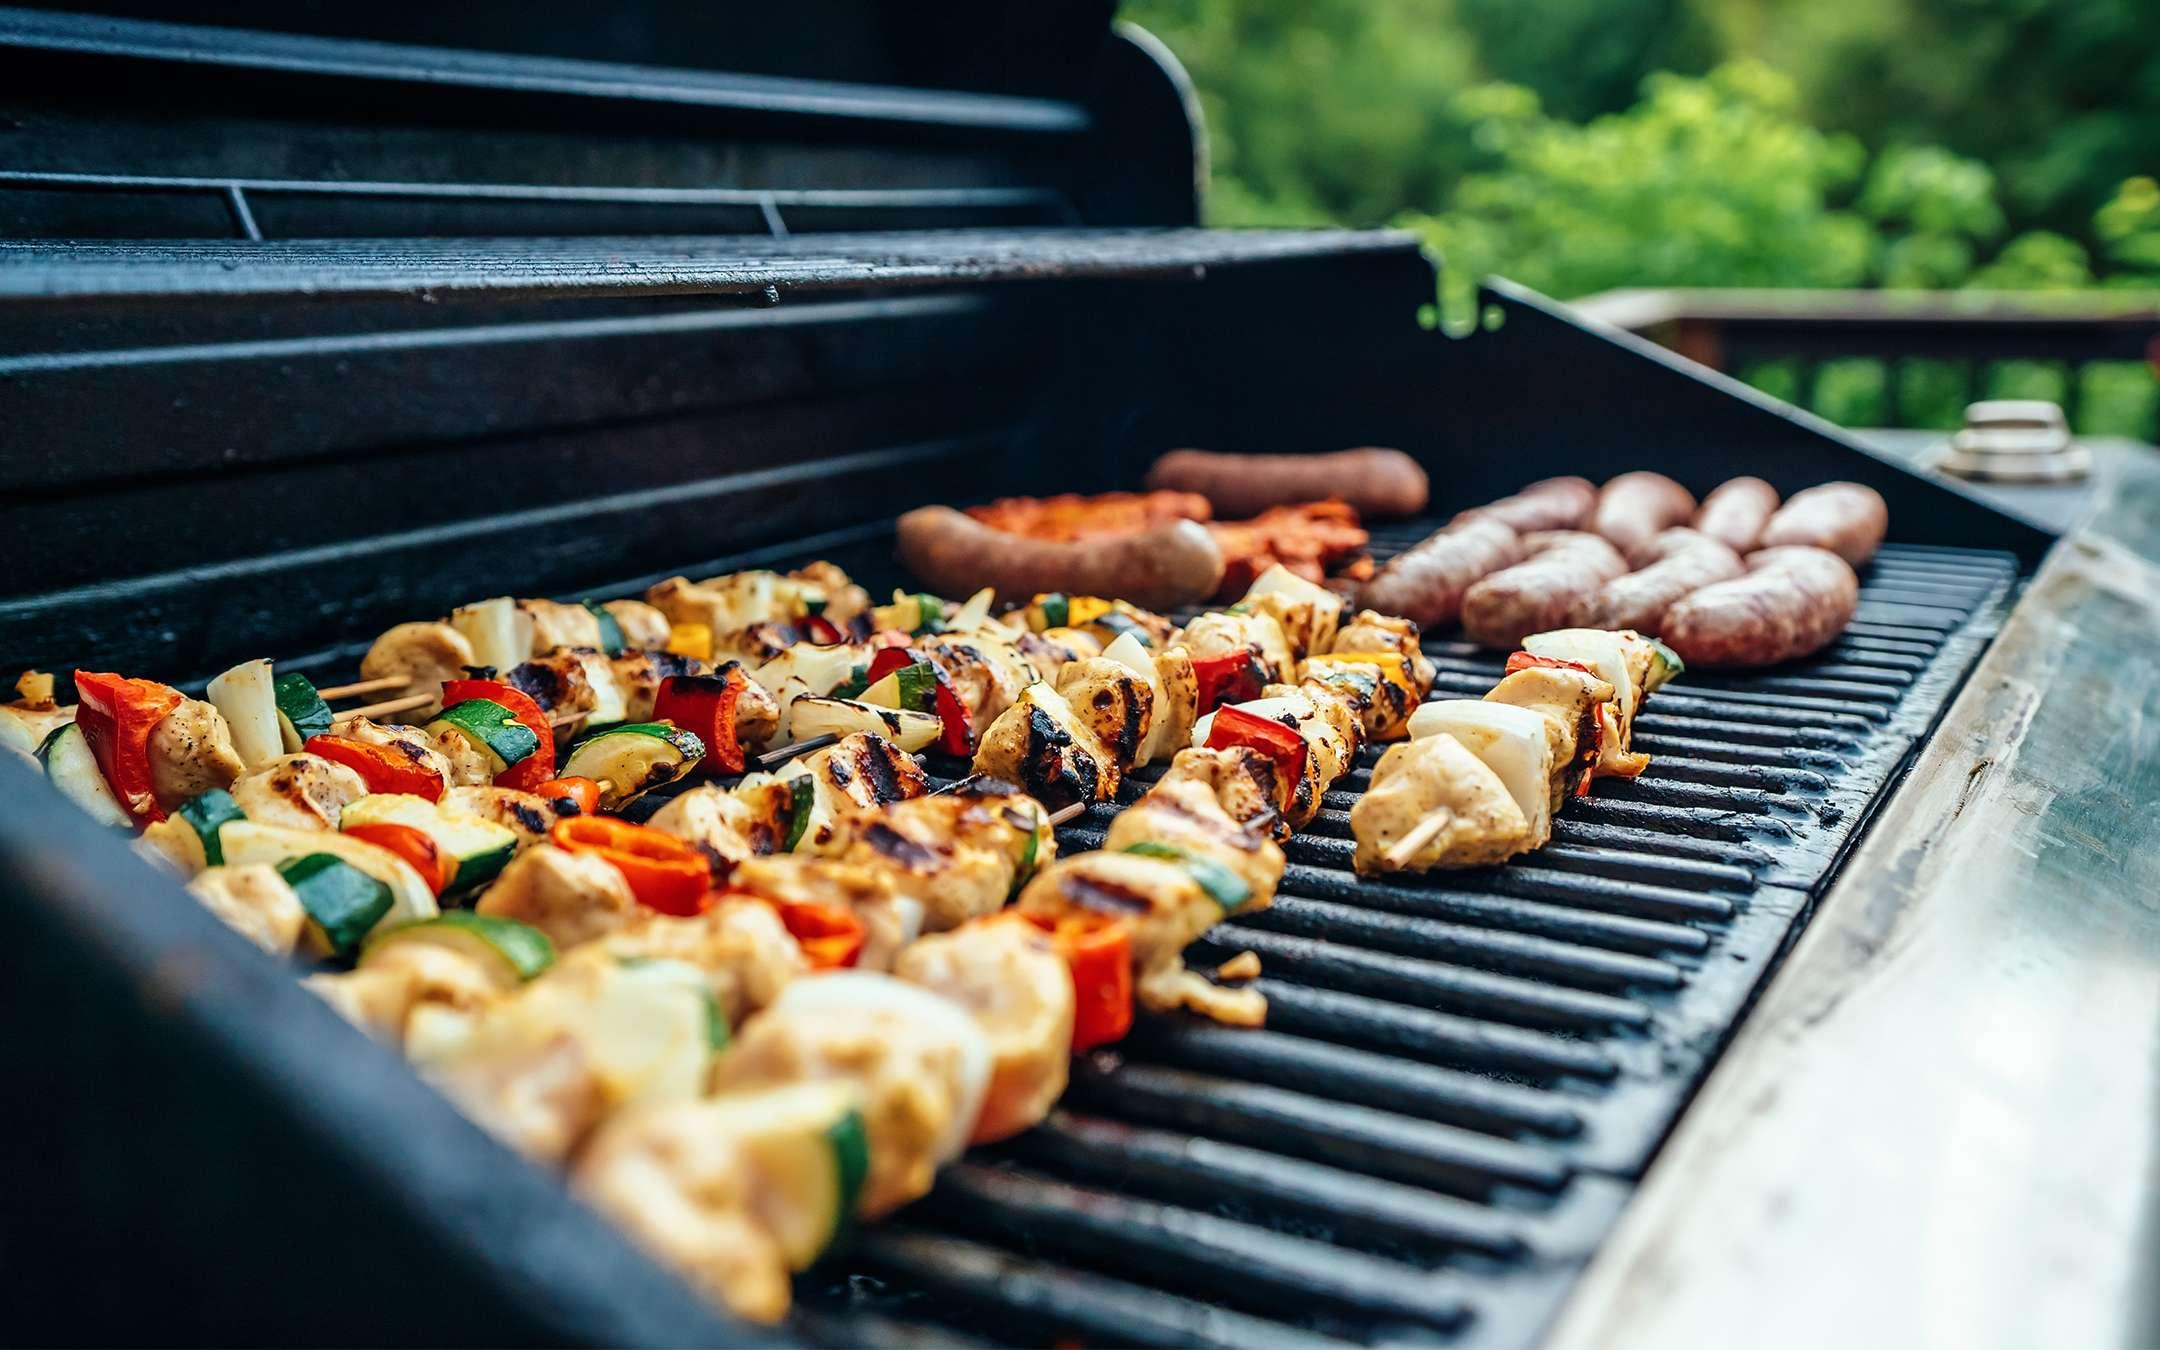 I migliori barbecue da balcone senza fumo: guida alla scelta